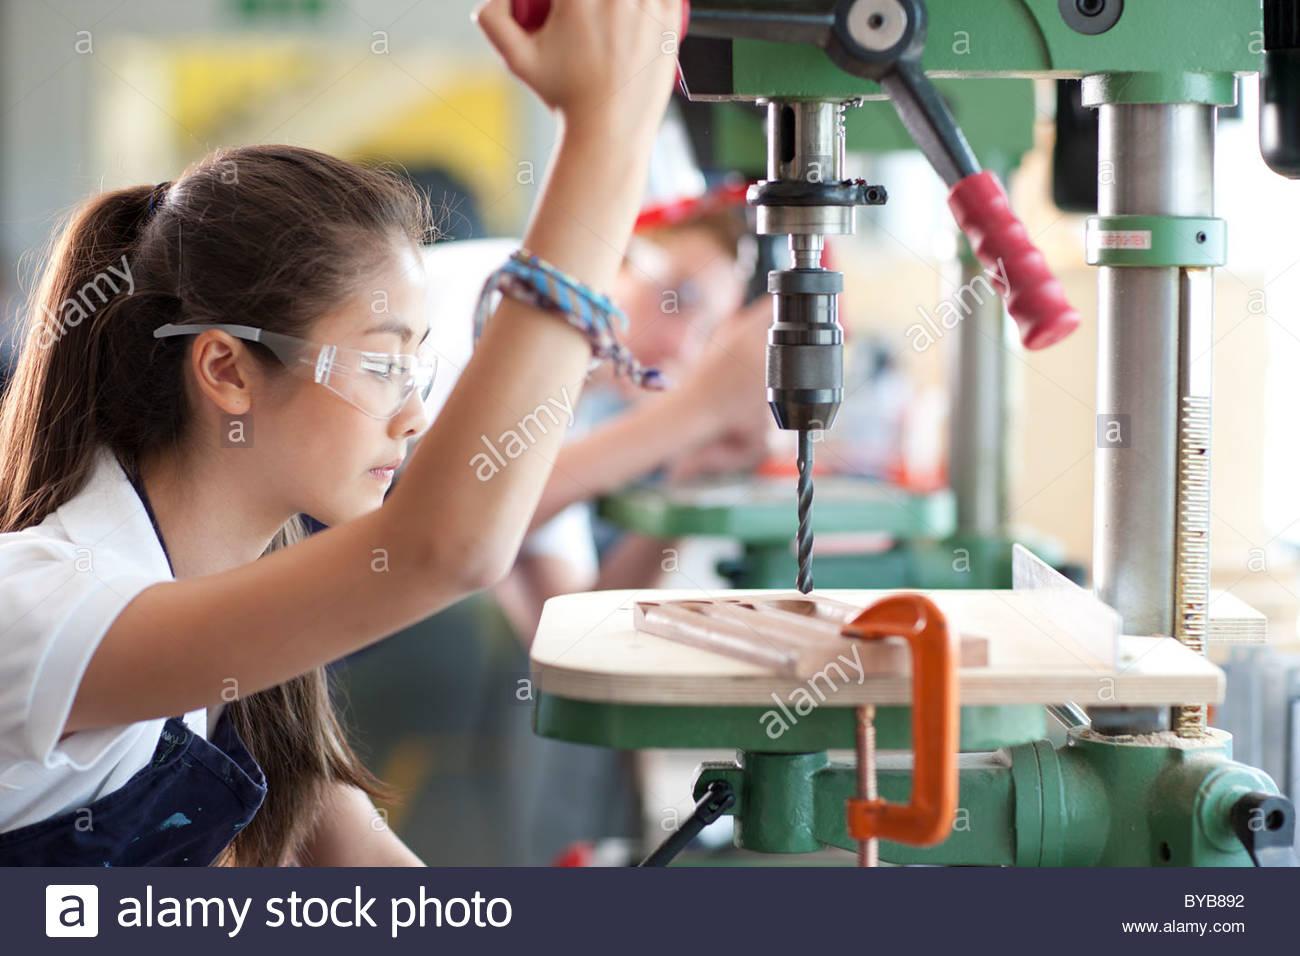 Ernsthaften Studenten mit Bohrer in der Berufsschule Stockbild